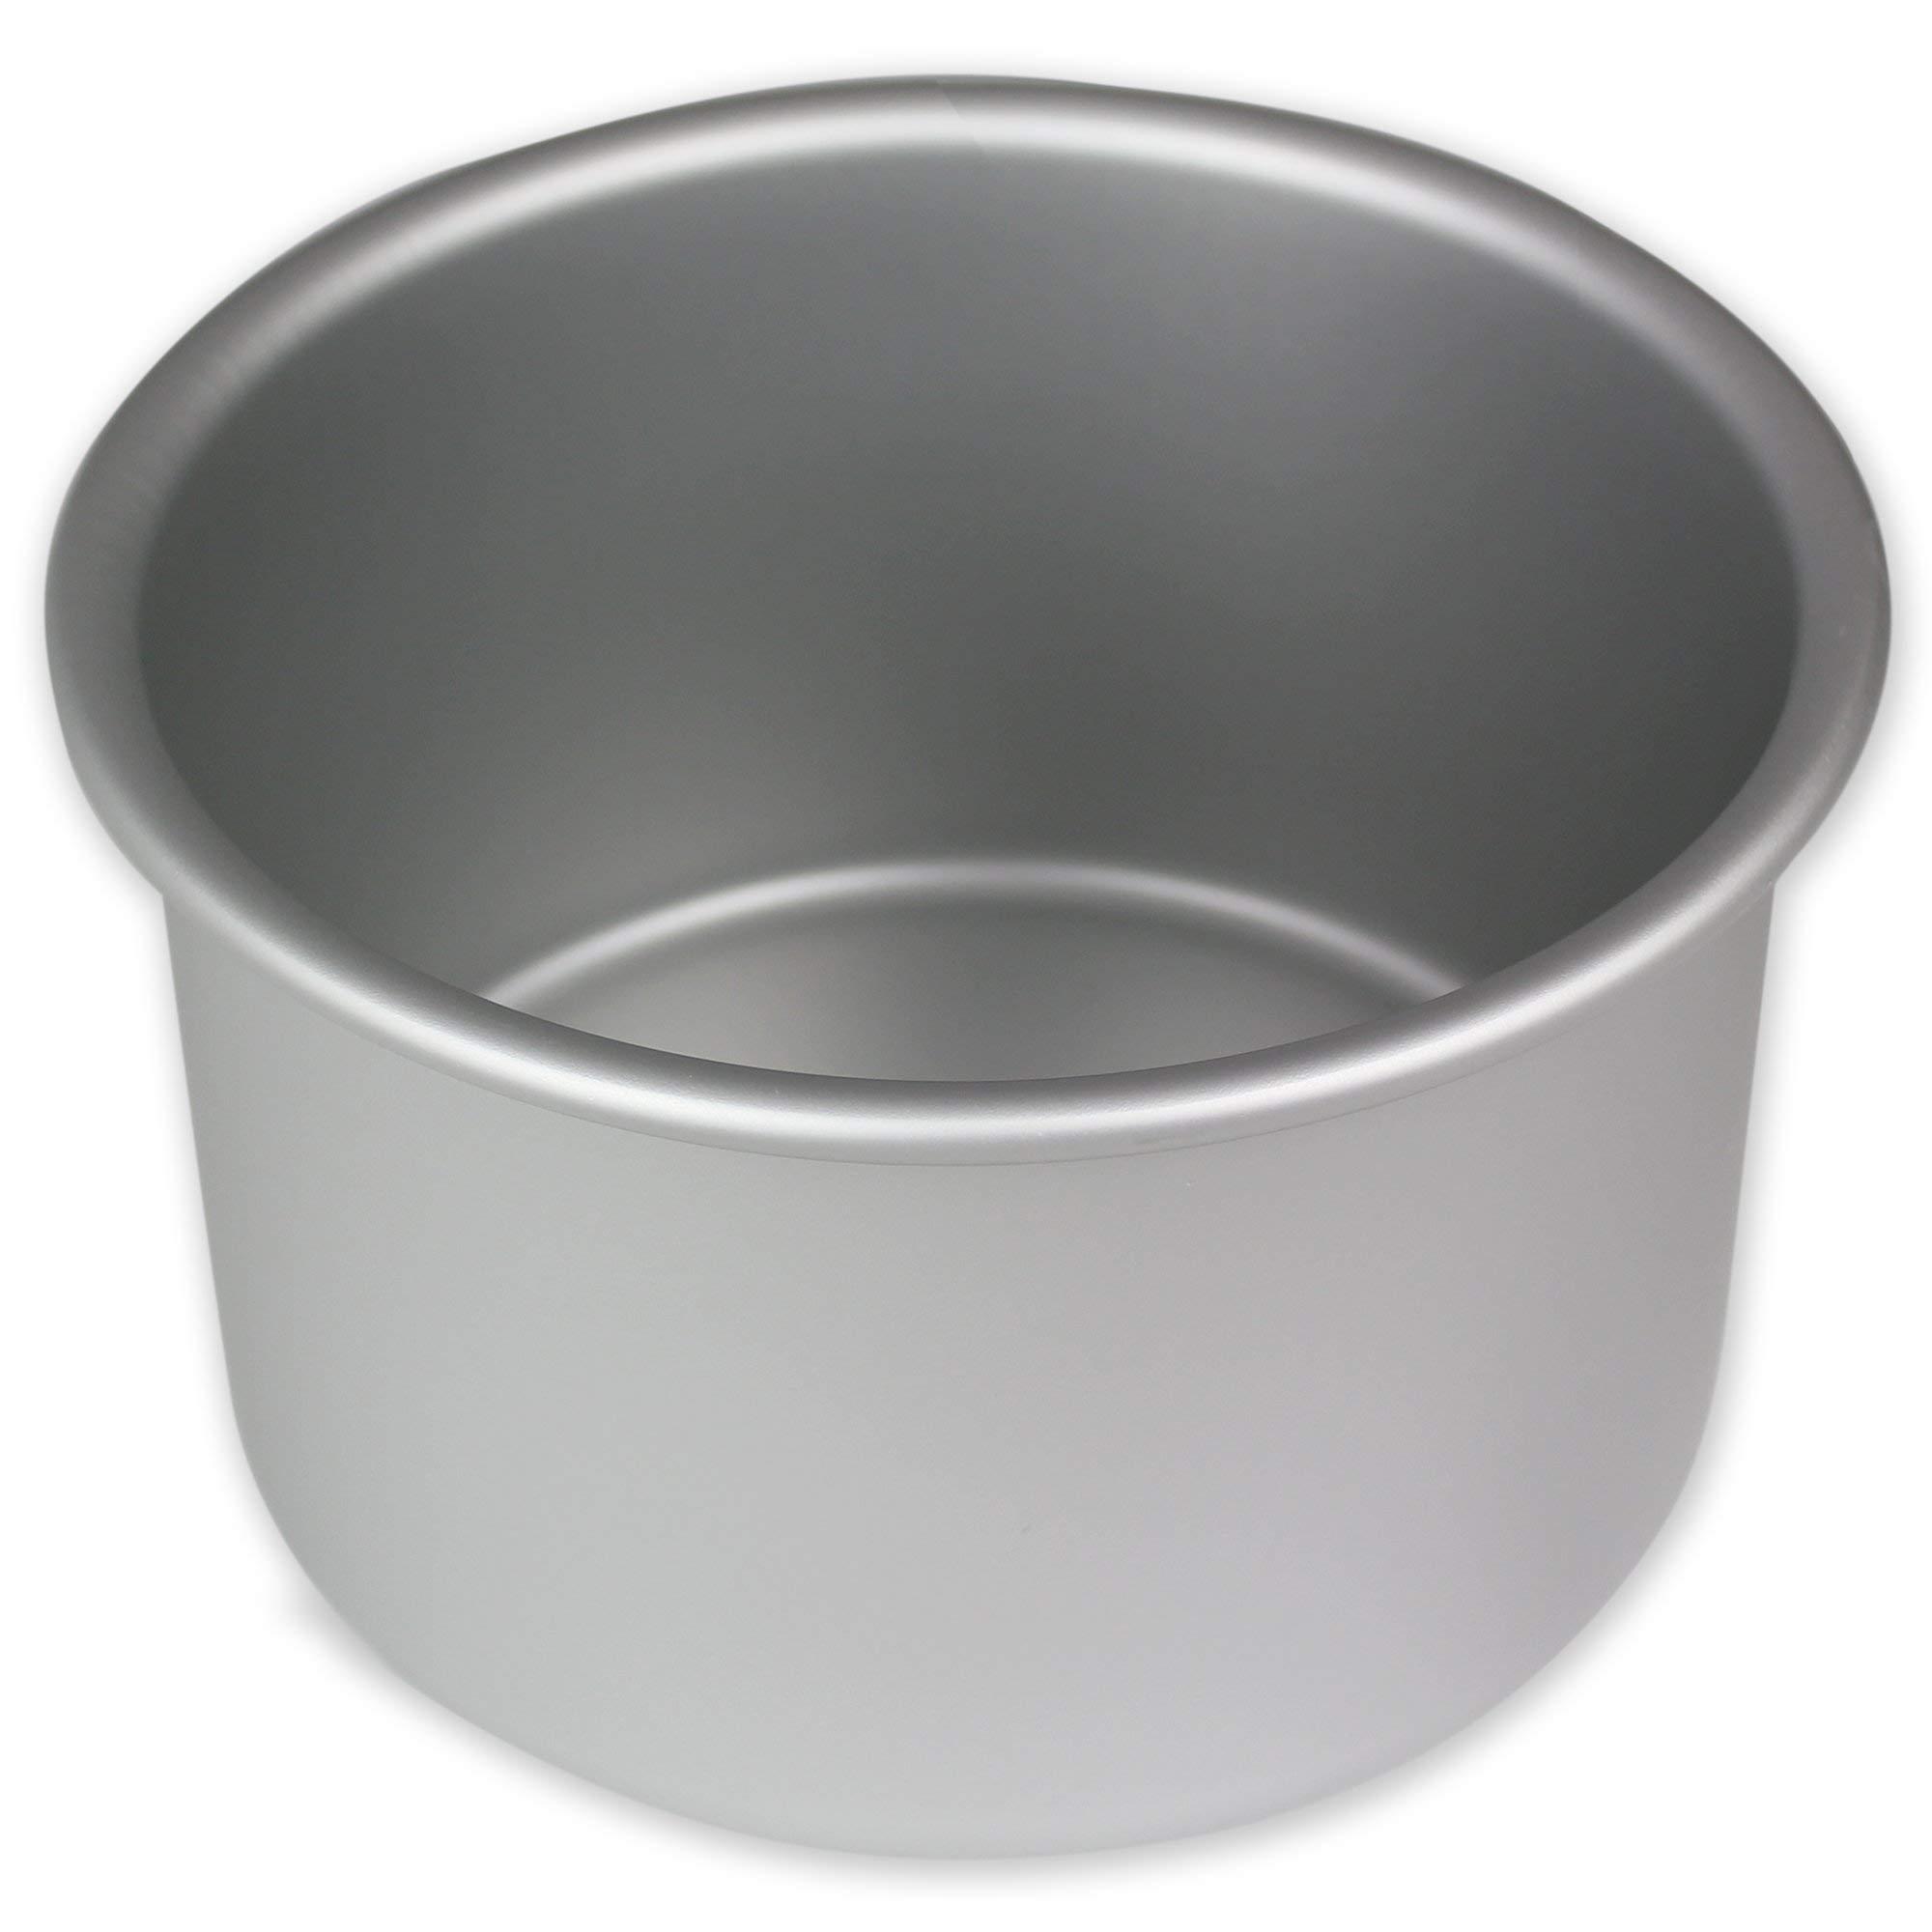 PME Molde para Pastel Redondo de Aluminio Anodizado Profundidad de 6 x 3-Pulgadas product image